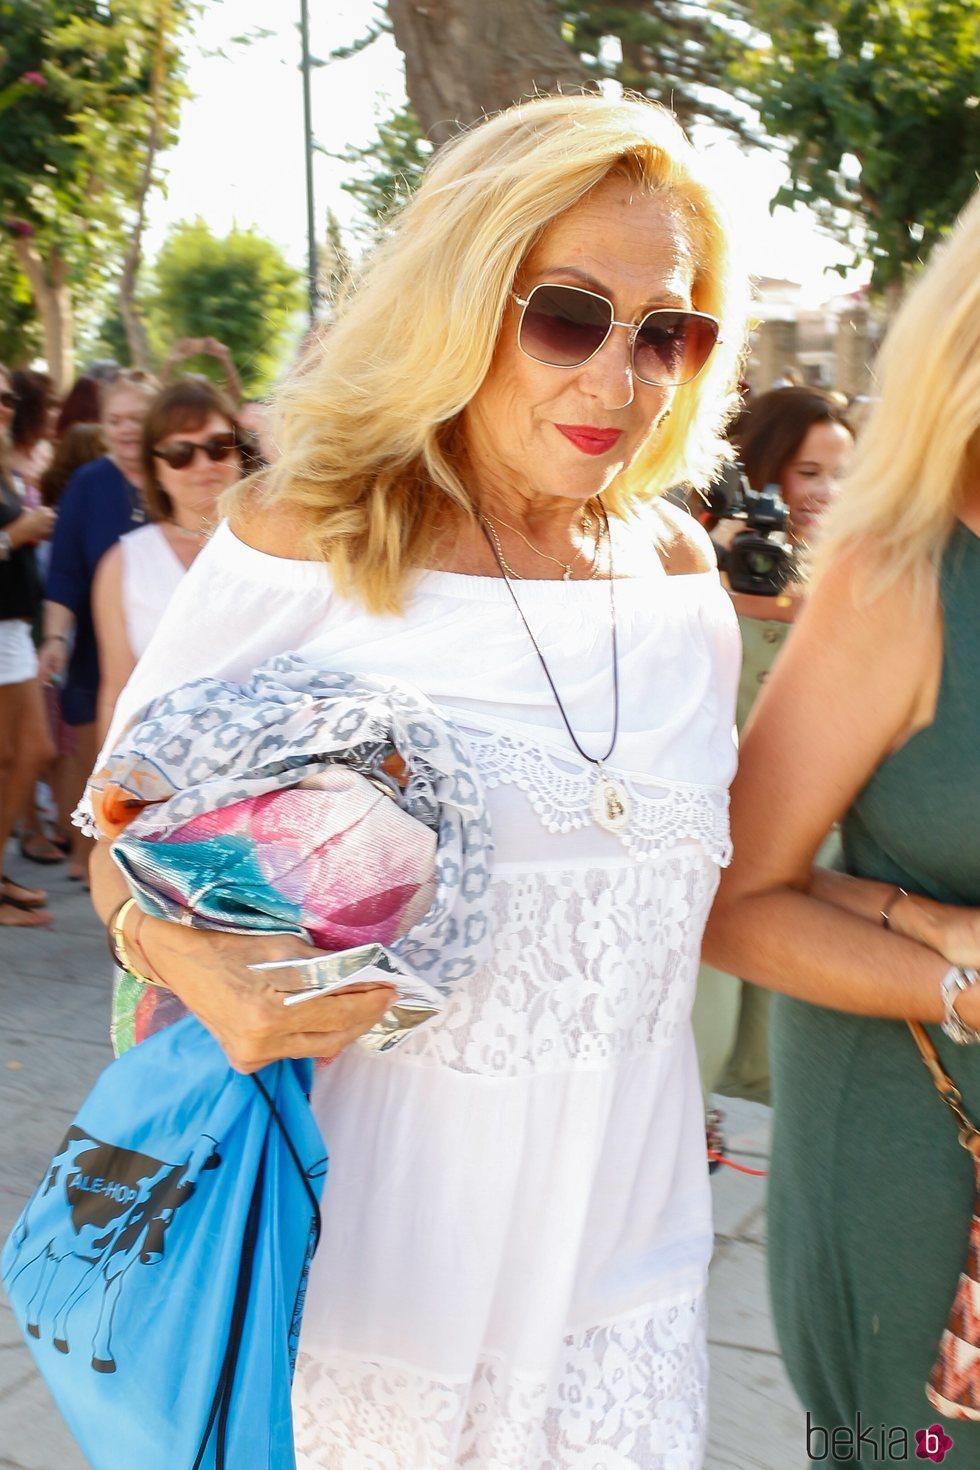 Rosa Benito acudiendo a la procesión de la Virgen de Regla